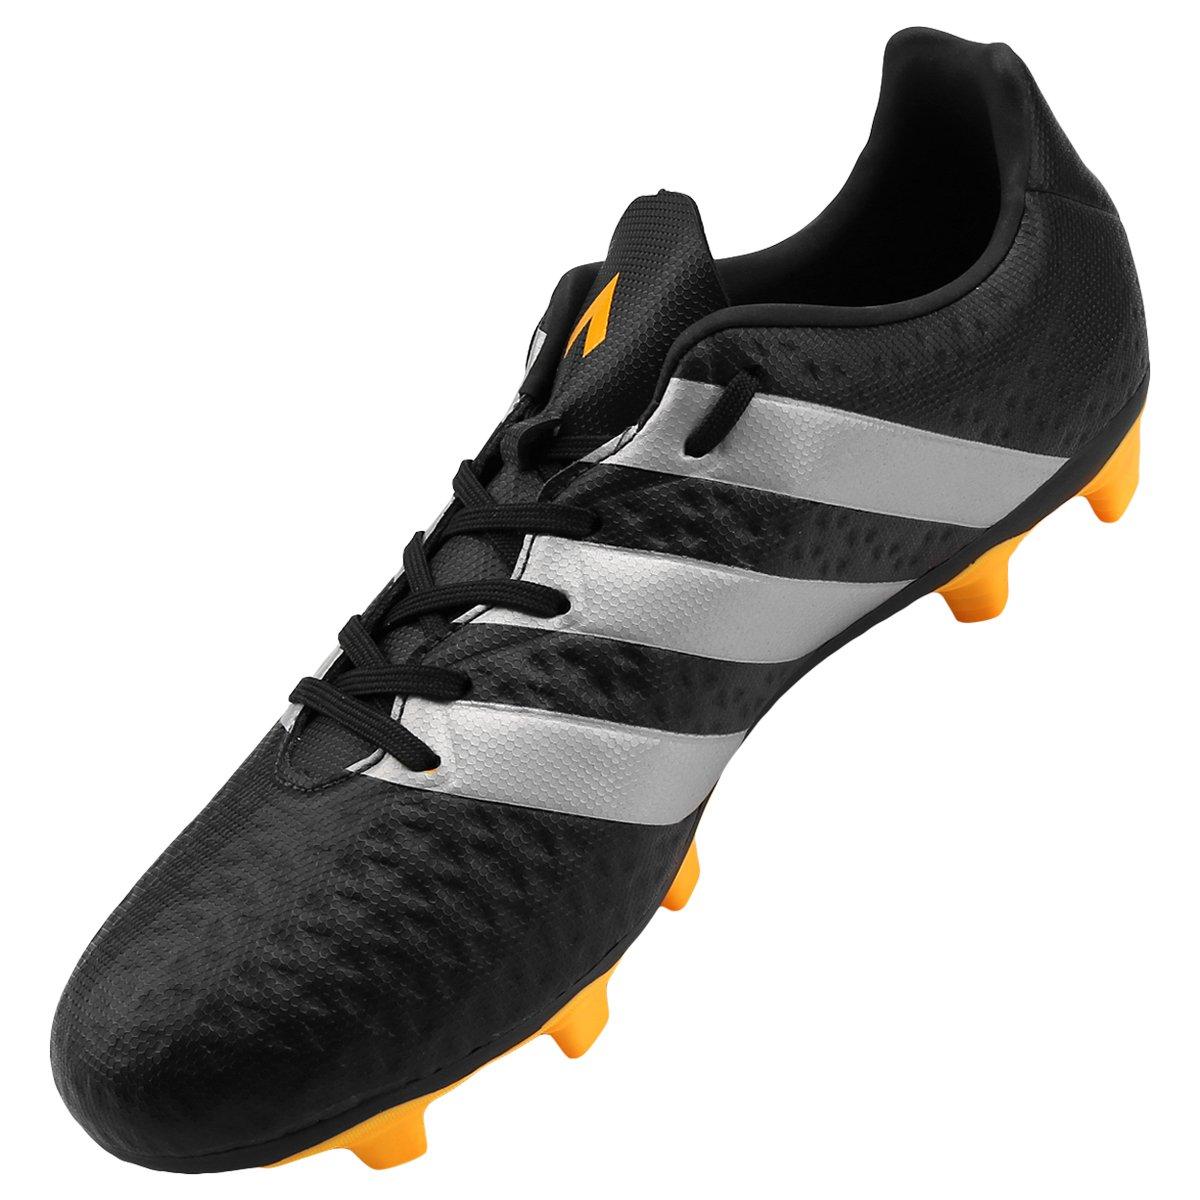 Chuteira Adidas Ace 16.4 FXG Campo - Preto e Amarelo - Compre Agora ... 28d5c5dc79b6a